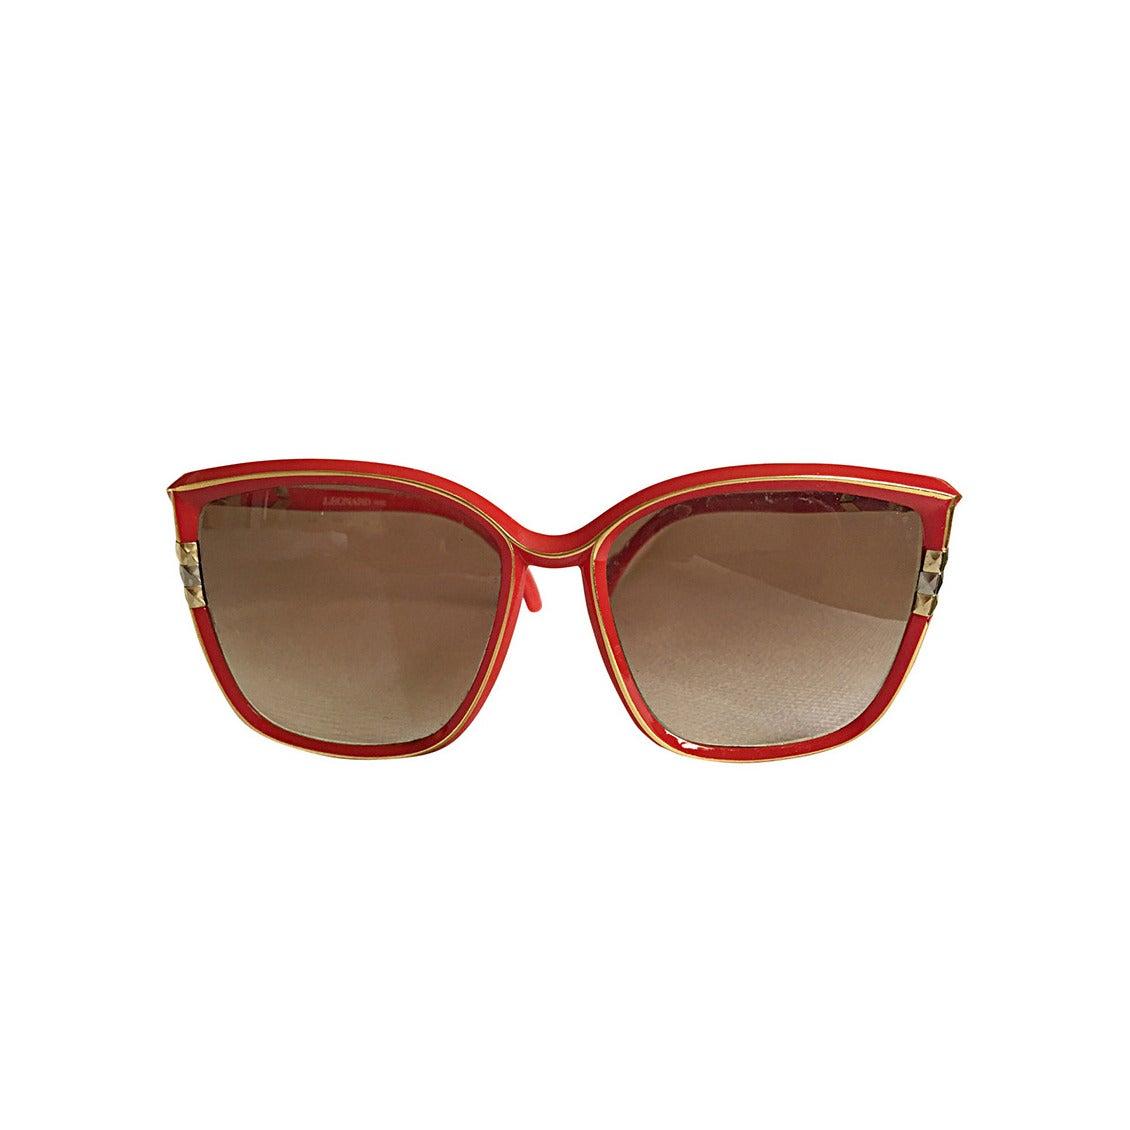 1970s Leonard Vintage Red Cat Eye Oversized Runway Sunglasses / Glasses 1